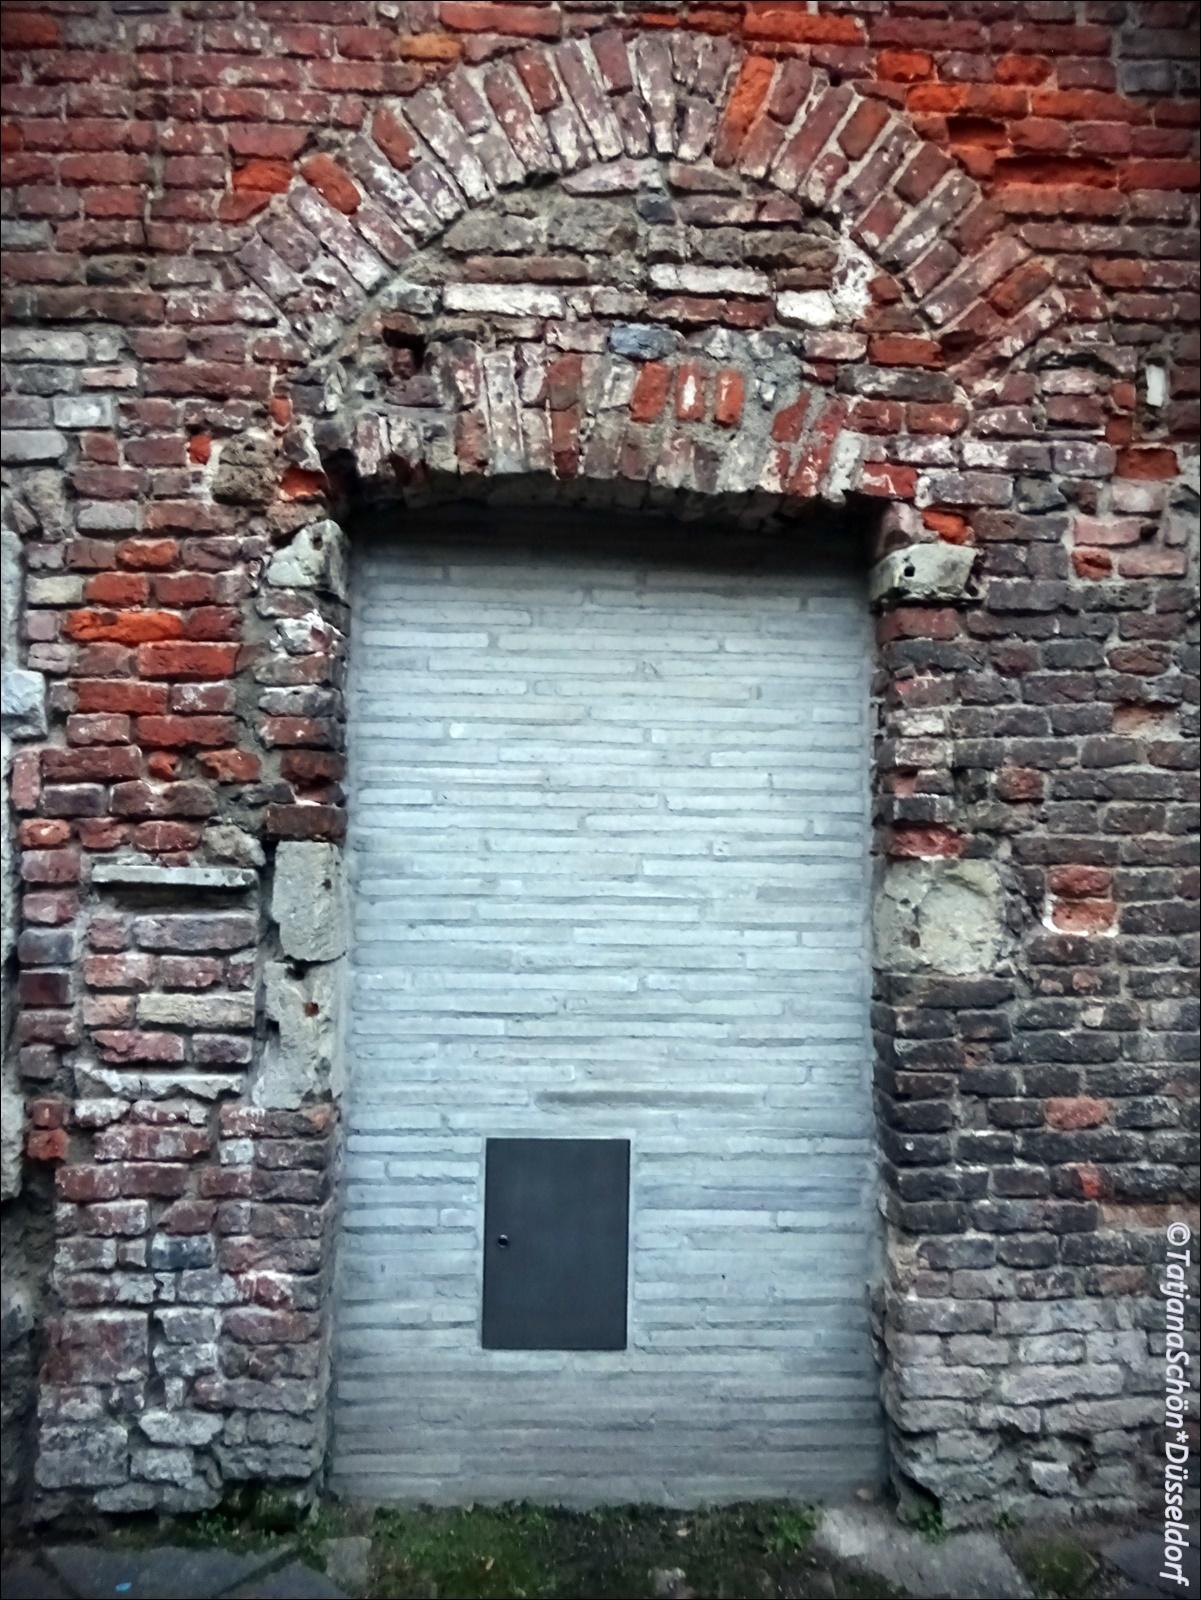 А что там за металлическая дверка в заложенной двери - не знаю (пока).